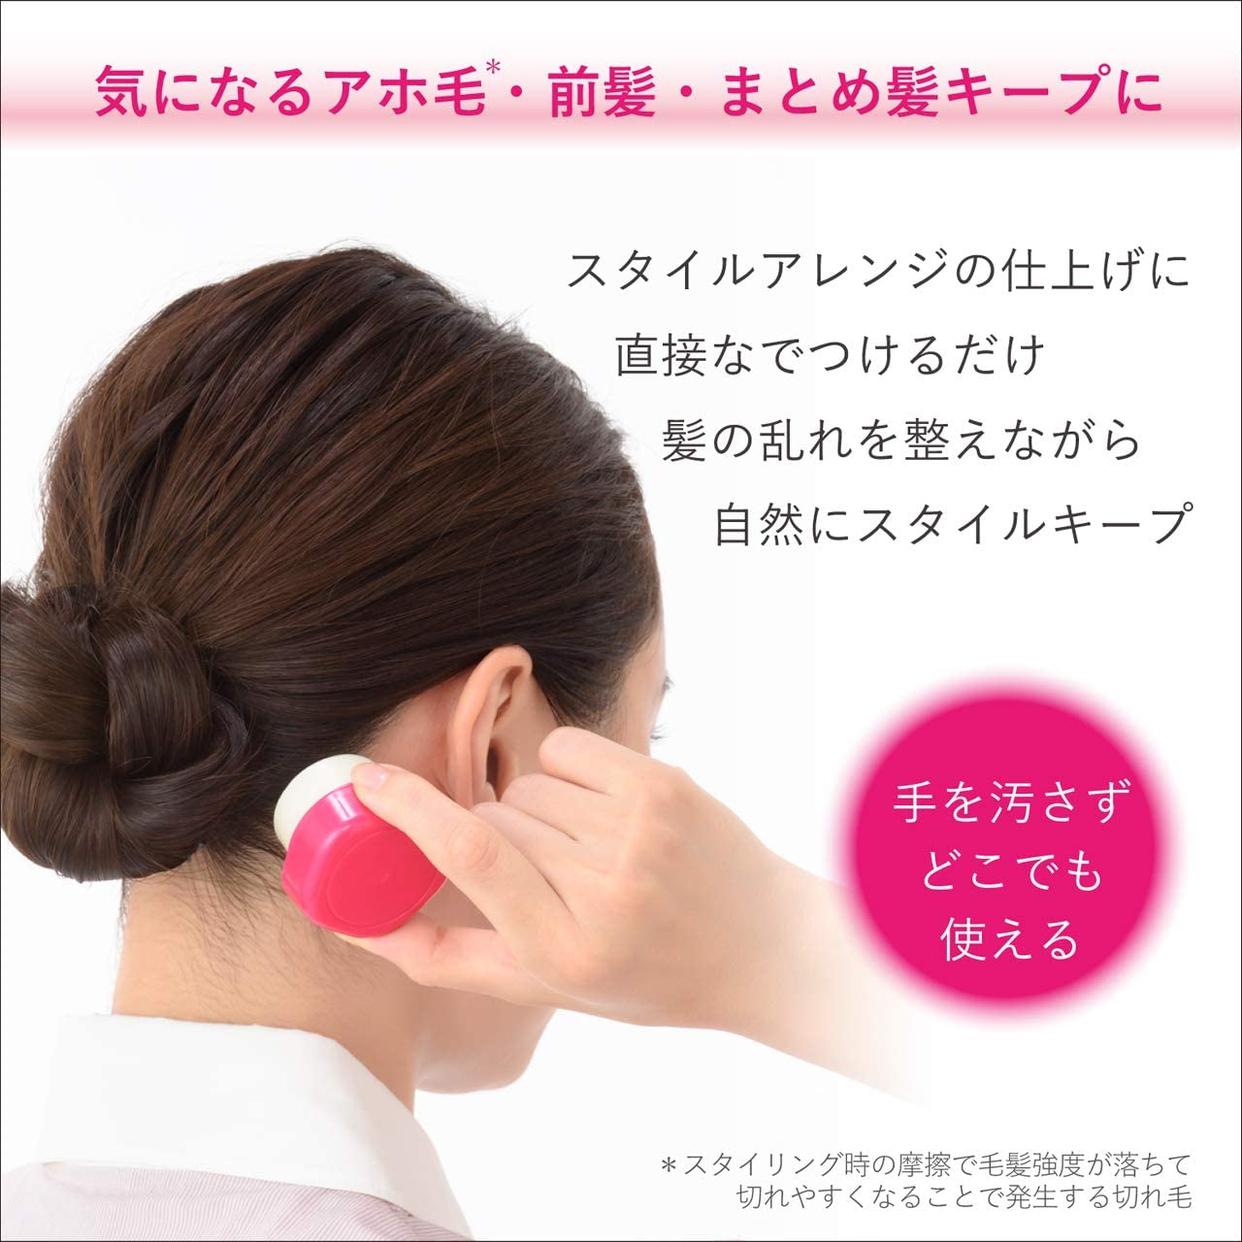 いち髪(ICHIKAMI) ヘアキープ和草スティック(ナチュラル)の商品画像4